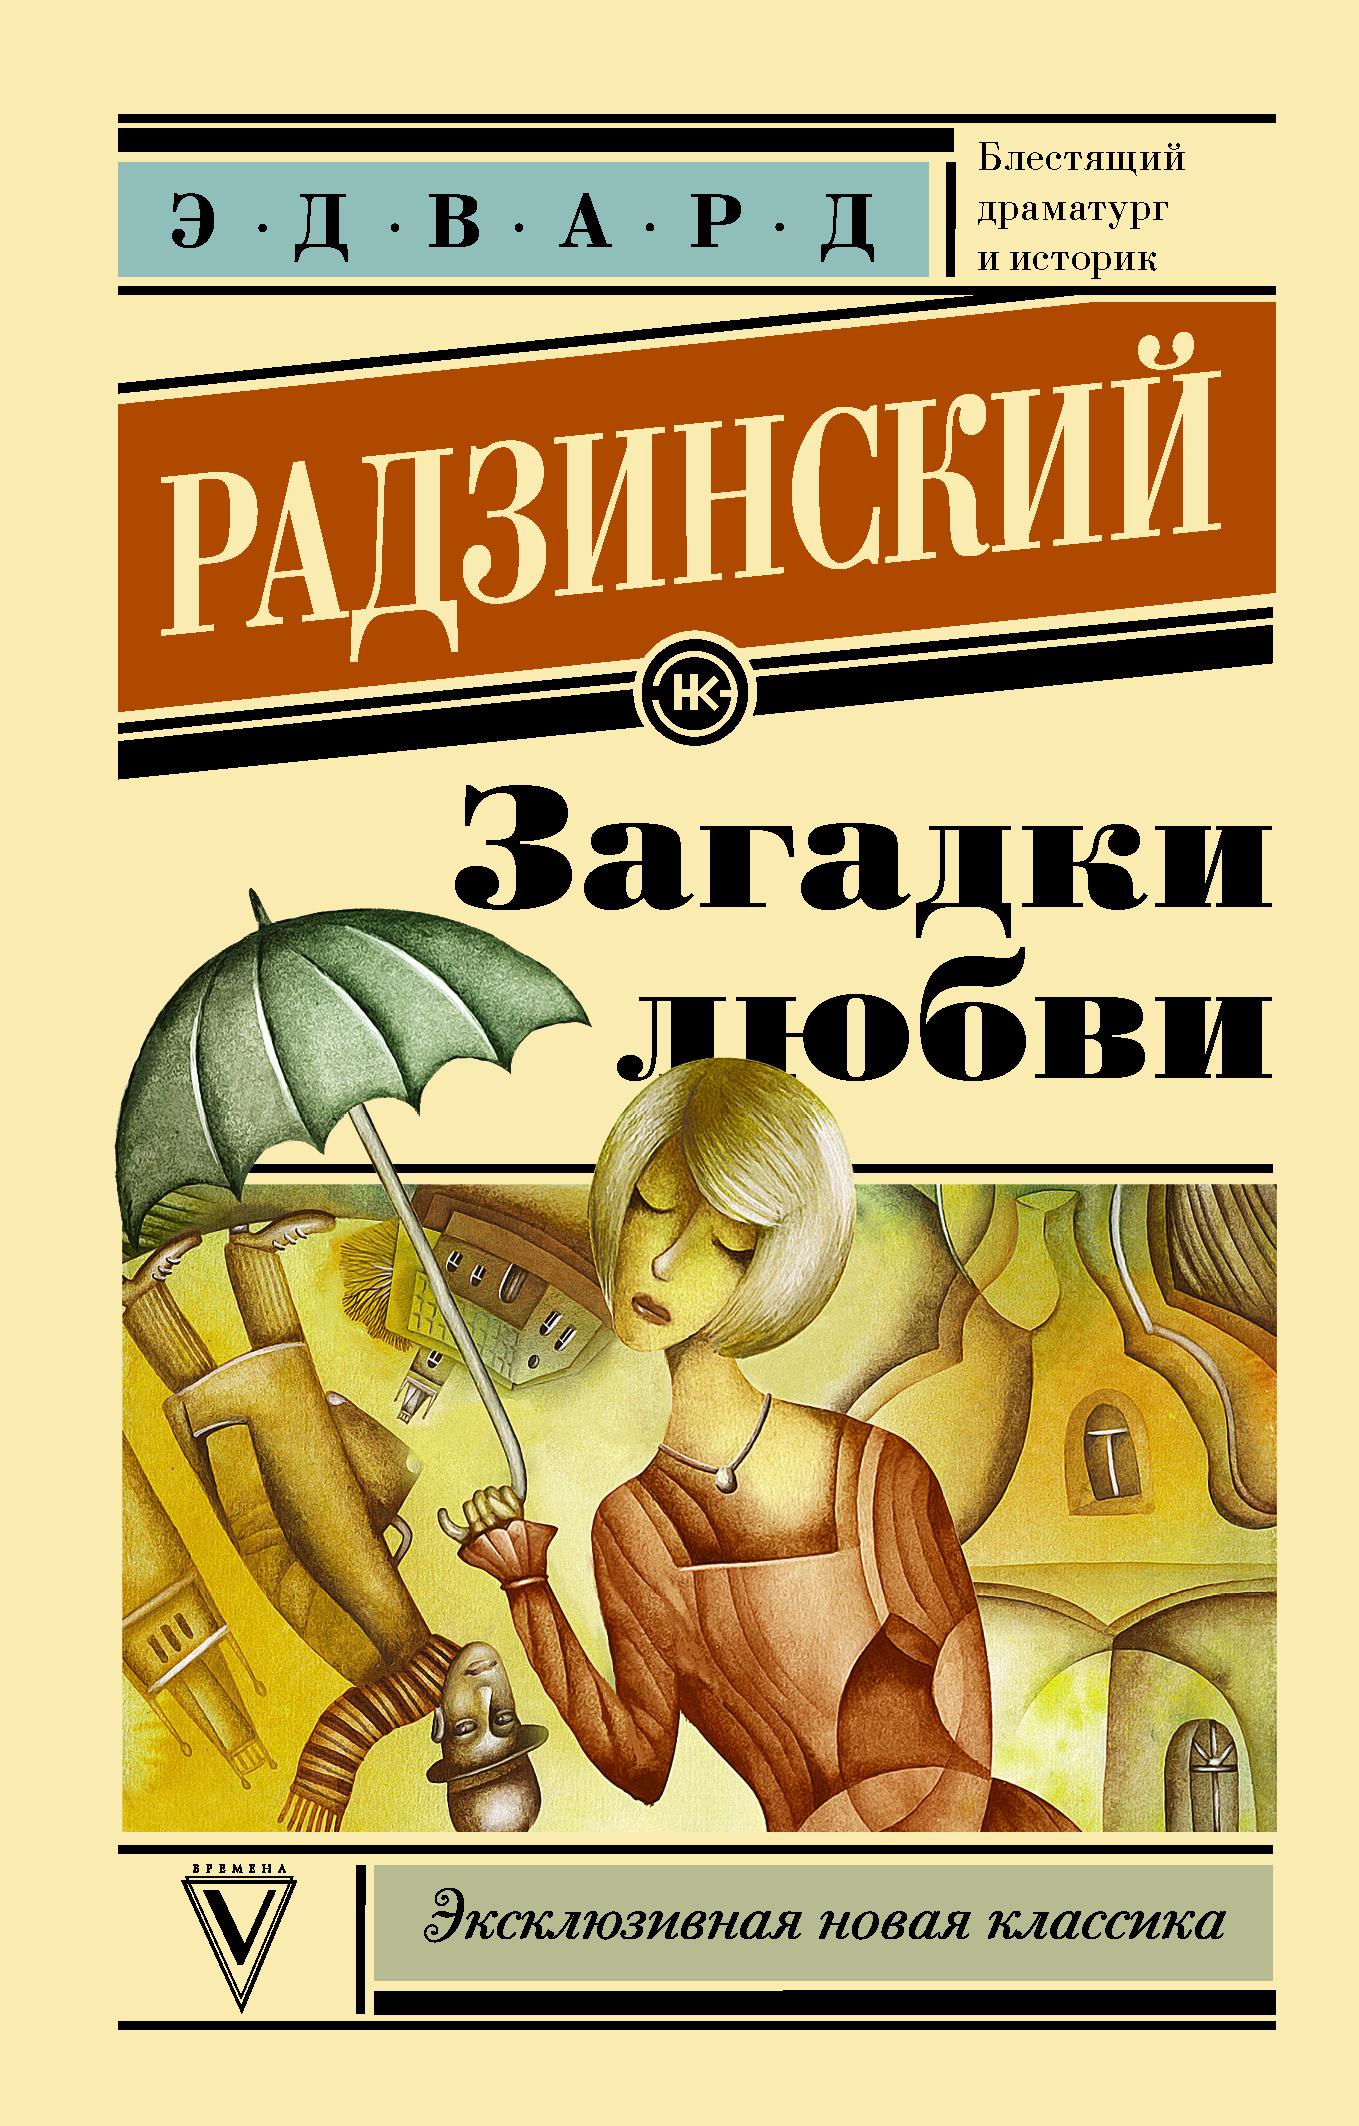 Радзинский Эдвард Станиславович Загадки любви радзинский э с а существует ли любовь спрашивают пожарники